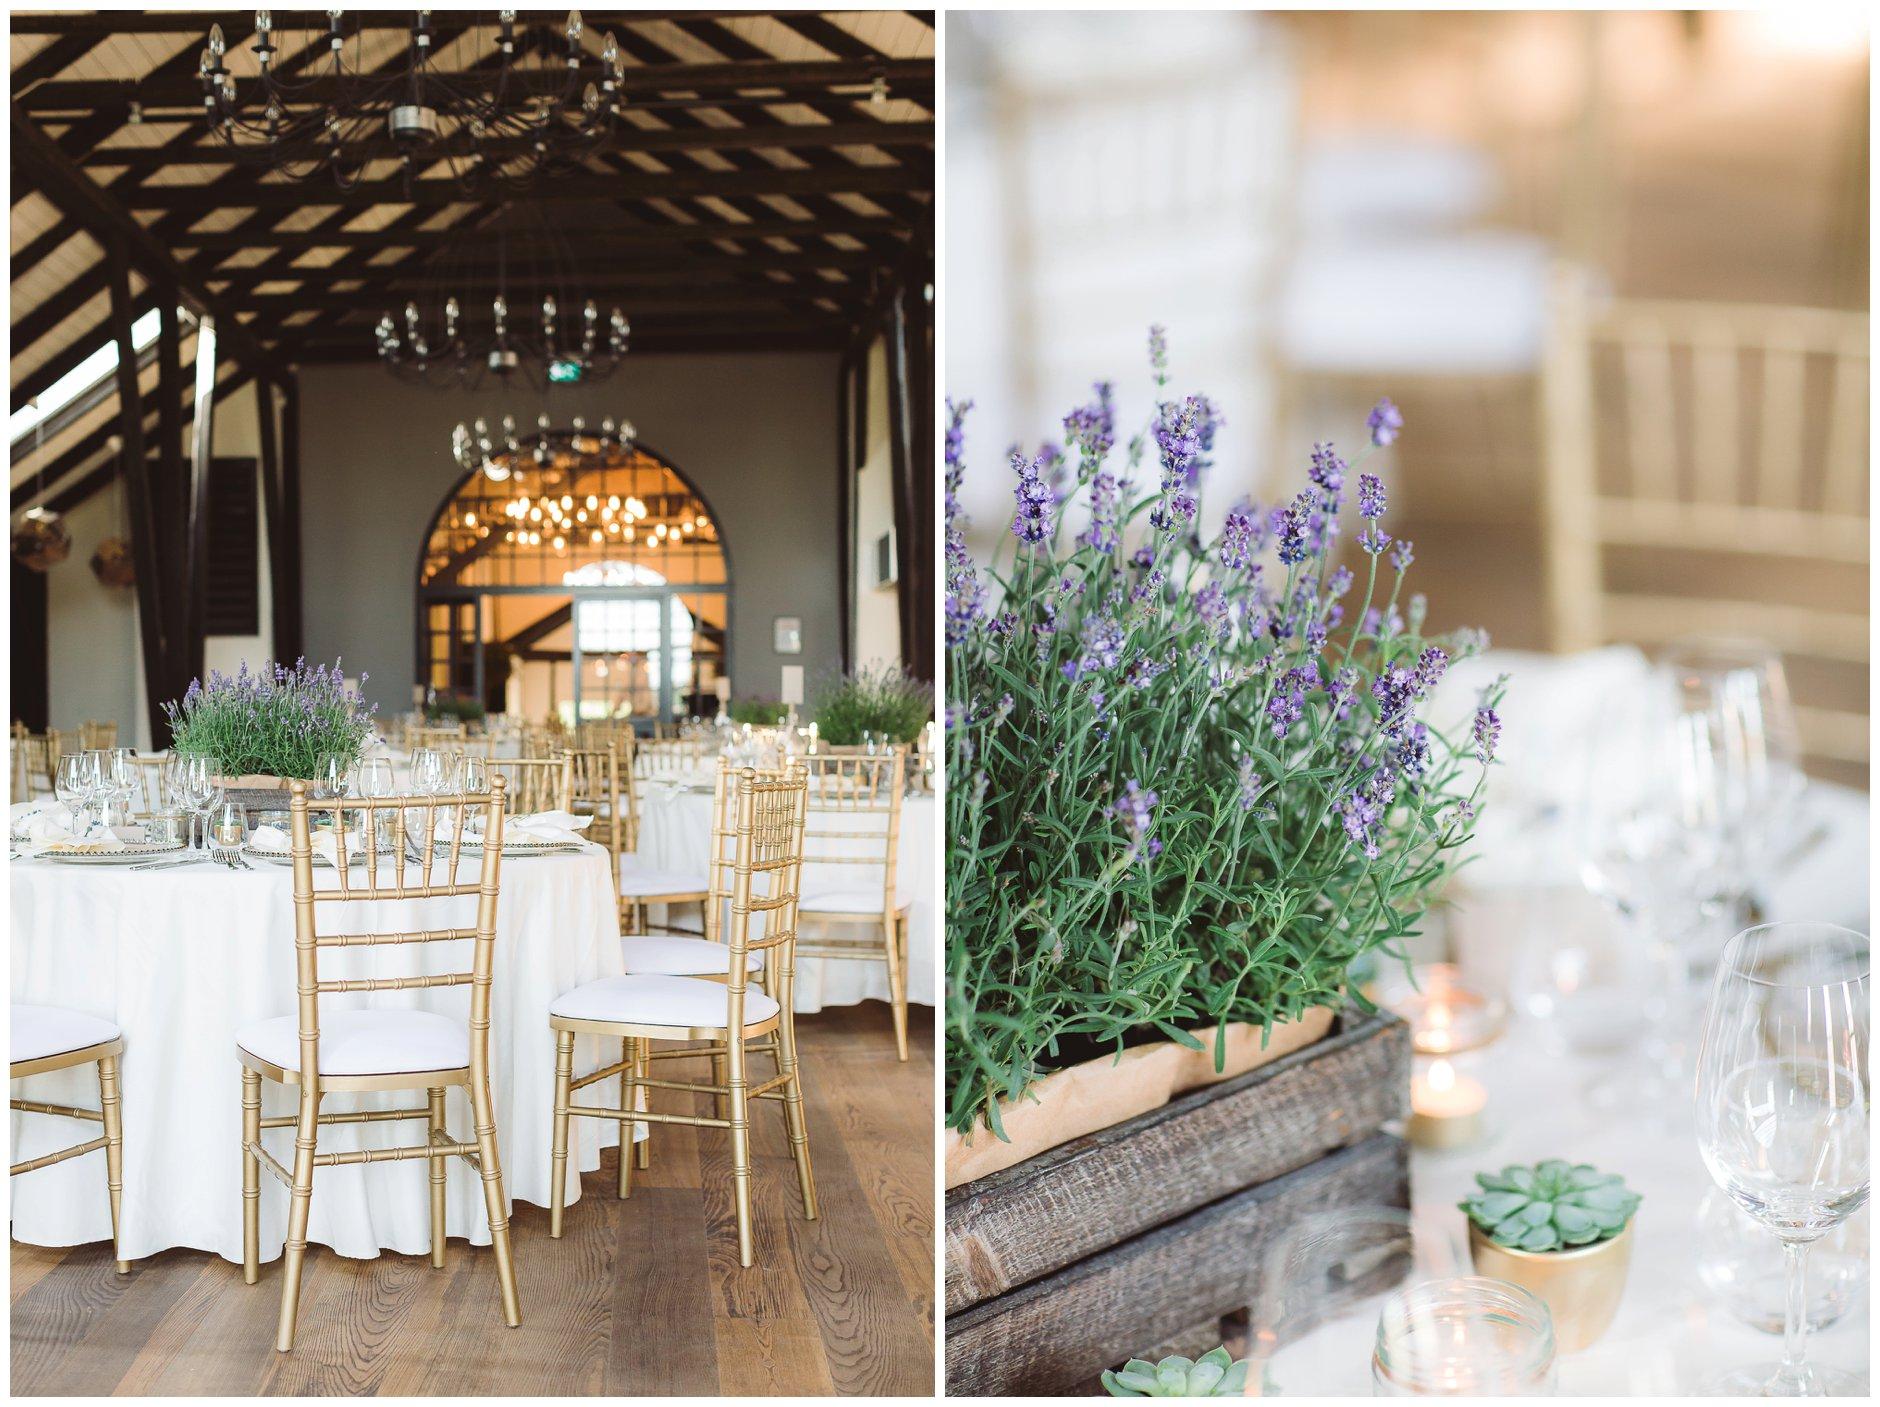 Bryllup på Glenne gård designet av Glennewedding Oslo